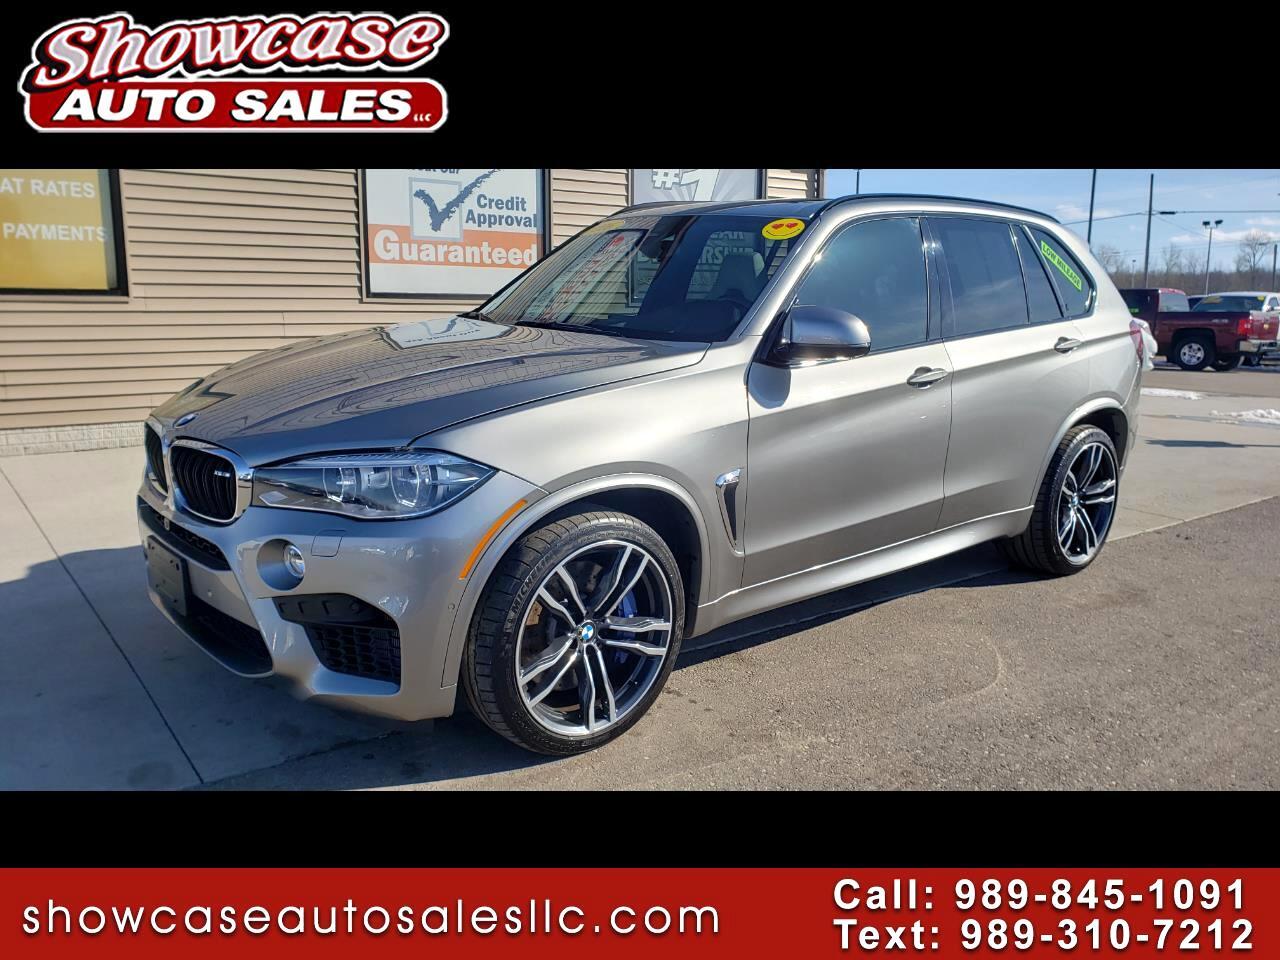 BMW X5 M AWD 4dr 2016